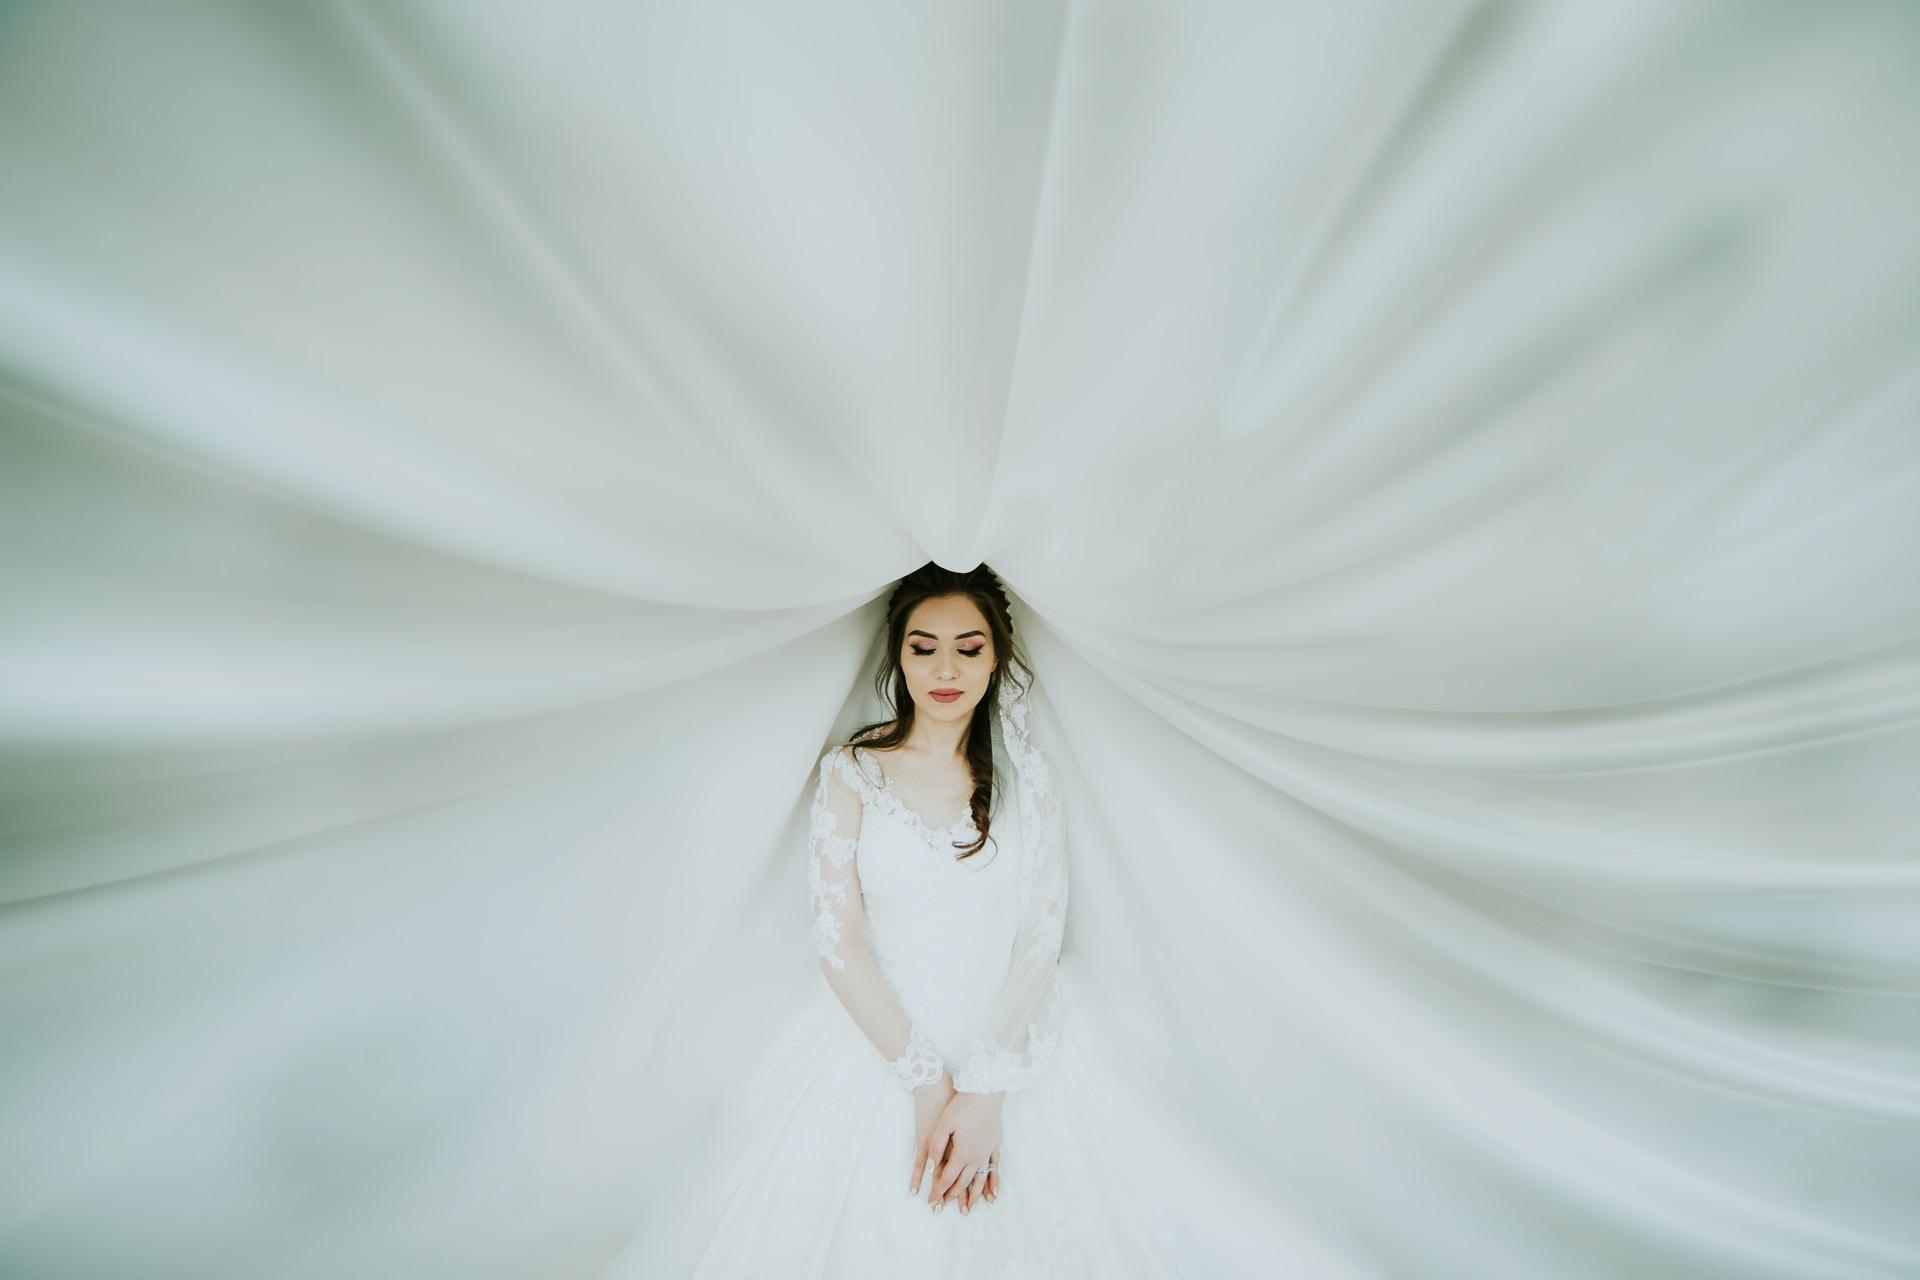 το κατάλληλο πέπλο για το πρόσωπο της νύφης